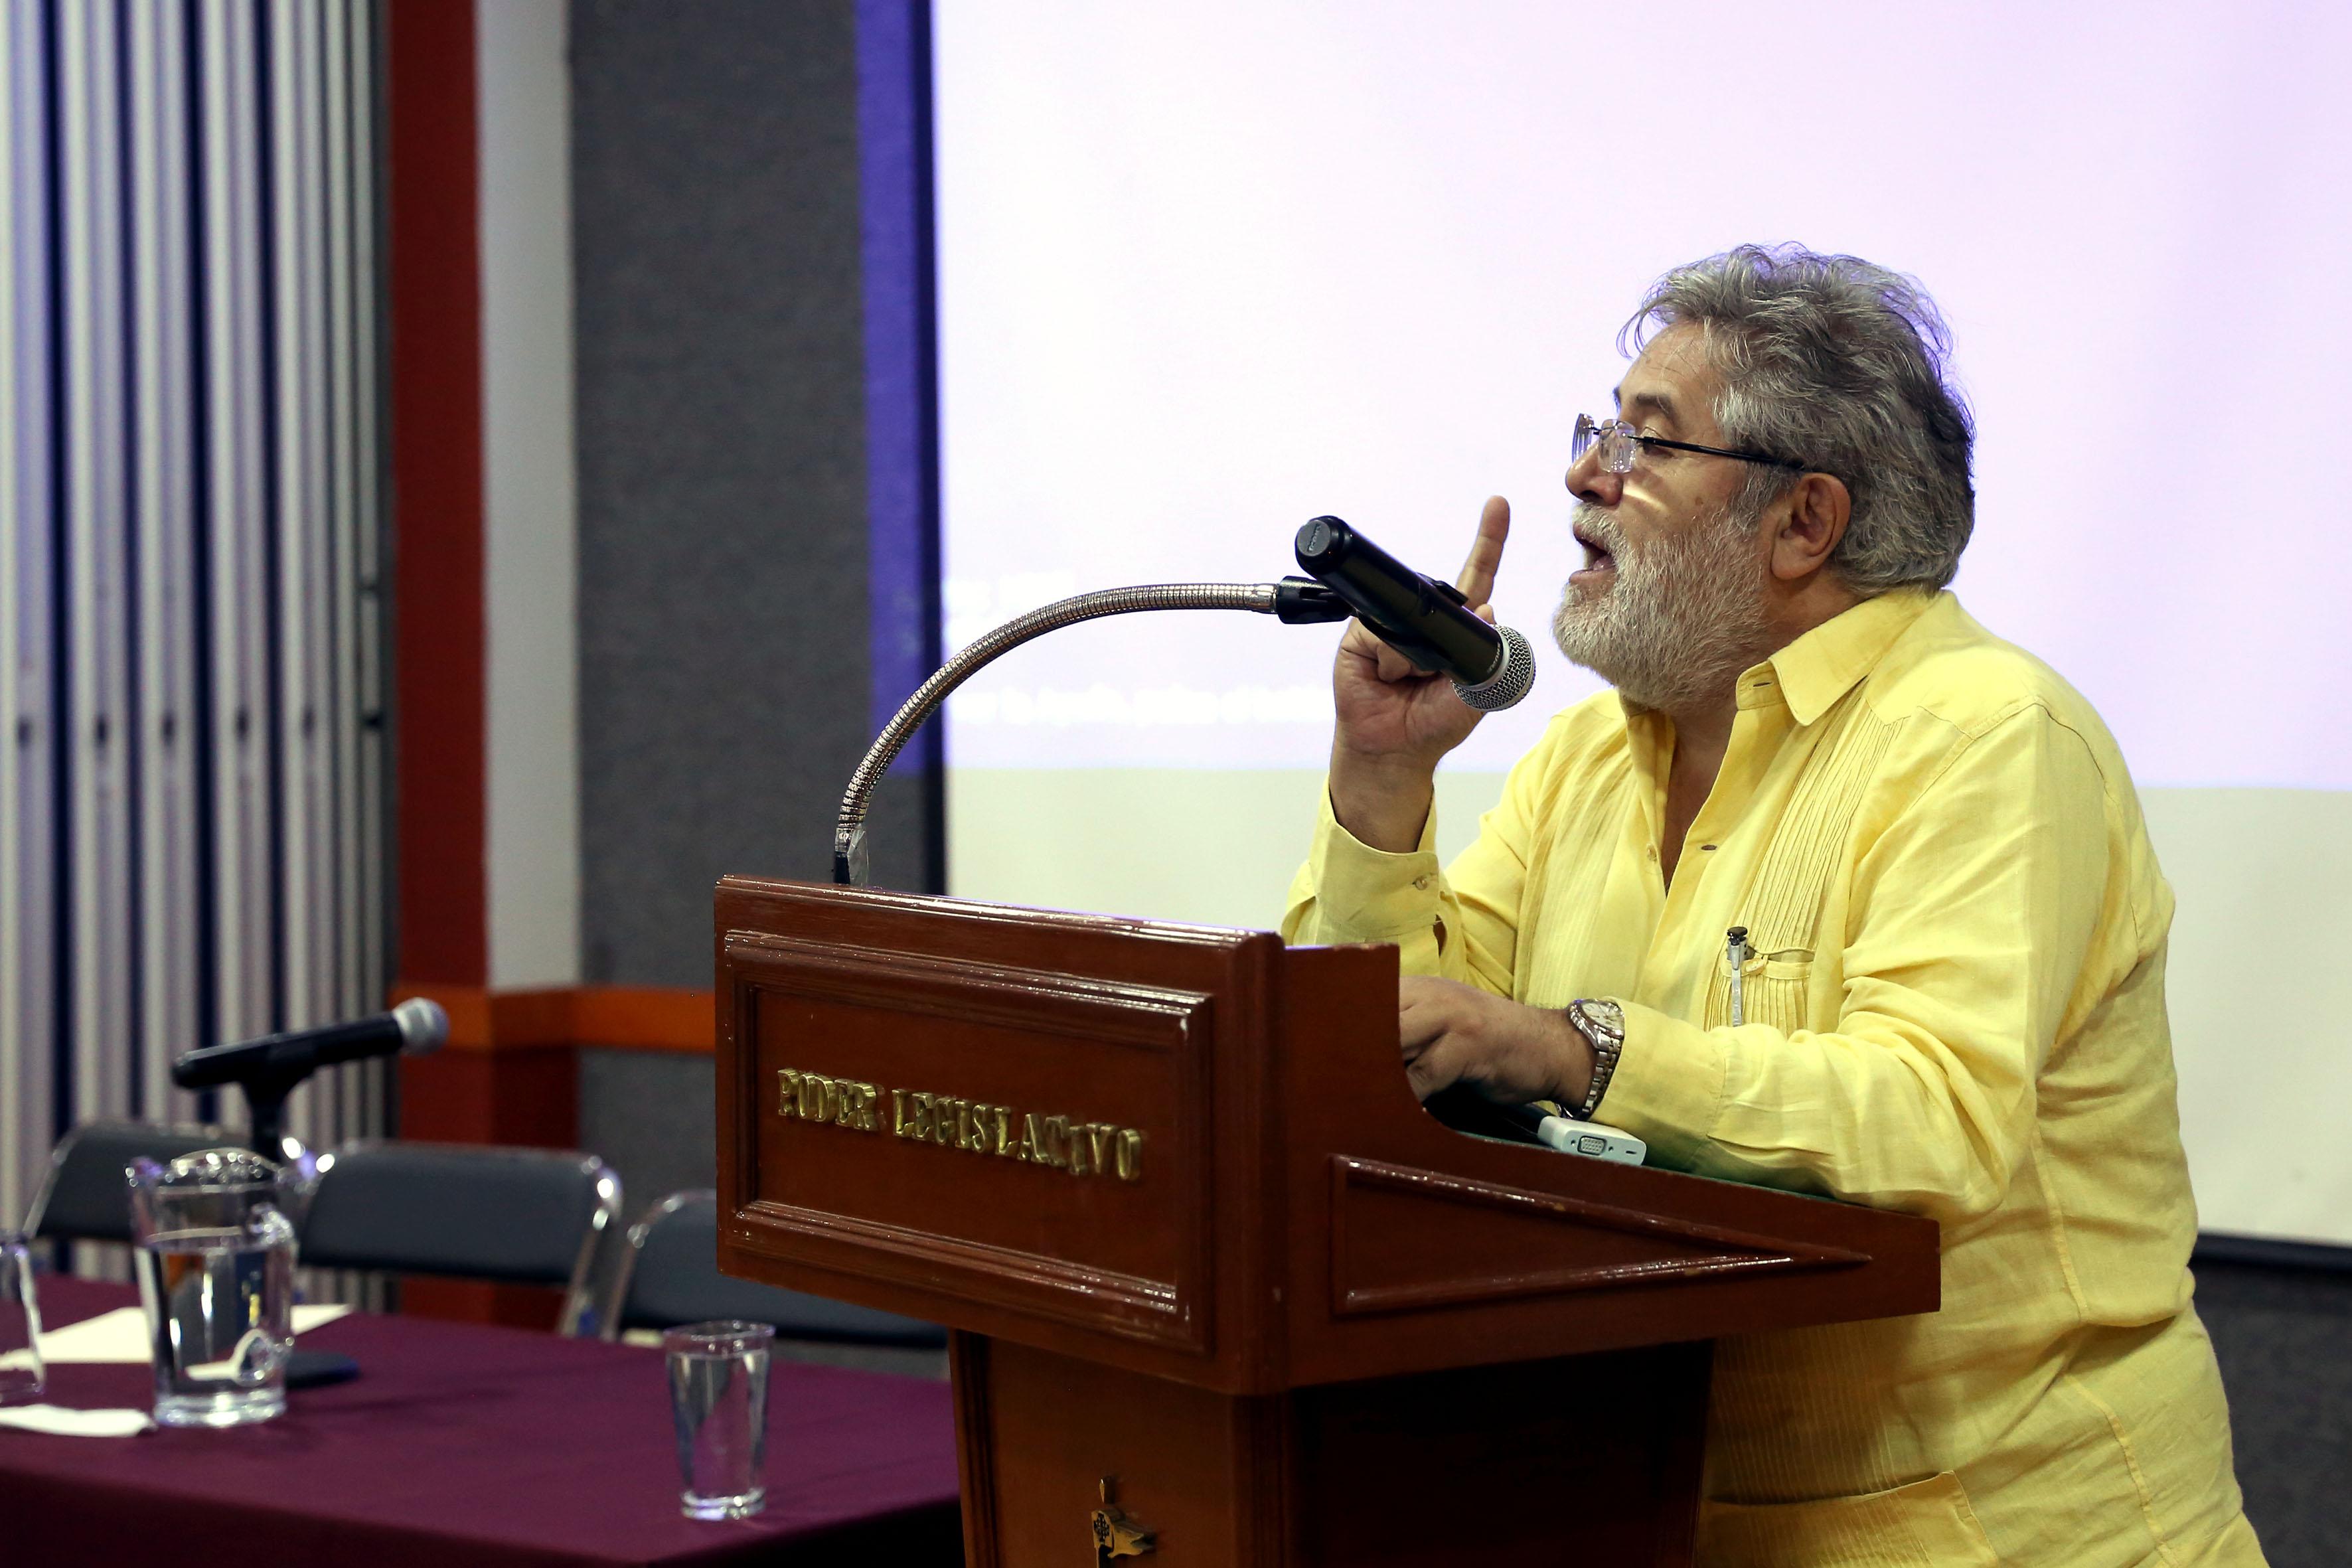 maestro del iteso Everardo Camacho Gutiérrez haciendo uso de la palabra